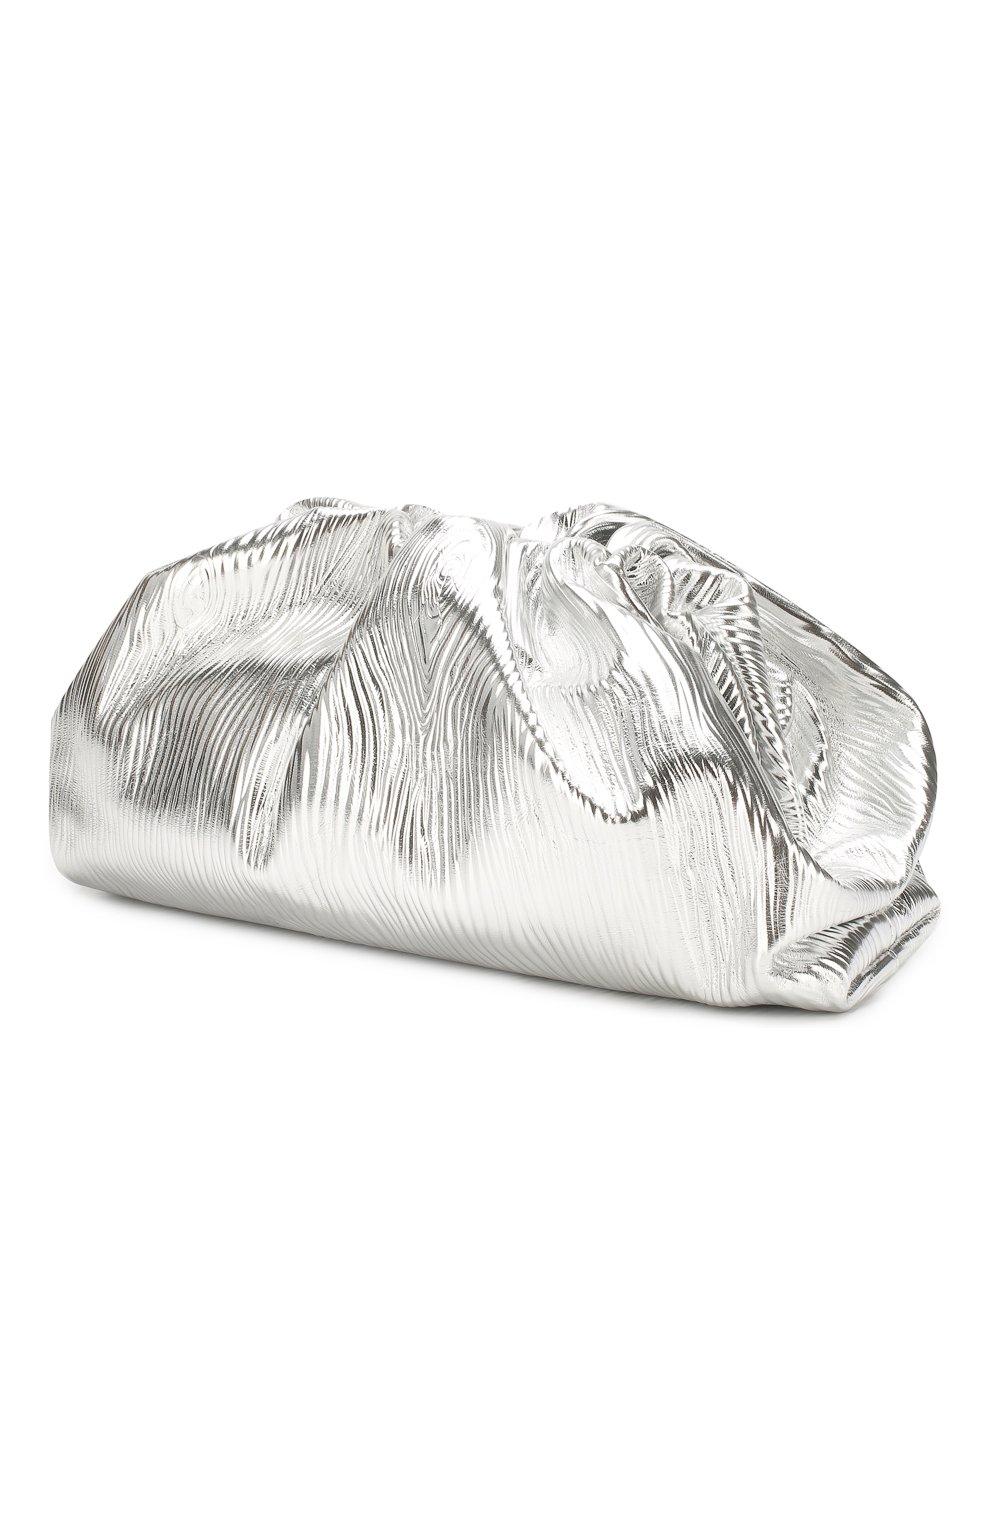 Женский клатч pouch BOTTEGA VENETA серебряного цвета, арт. 618128/VCQ60 | Фото 3 (Женское Кросс-КТ: Вечерняя сумка, Клатч-клатчи; Материал: Натуральная кожа; Размер: large)